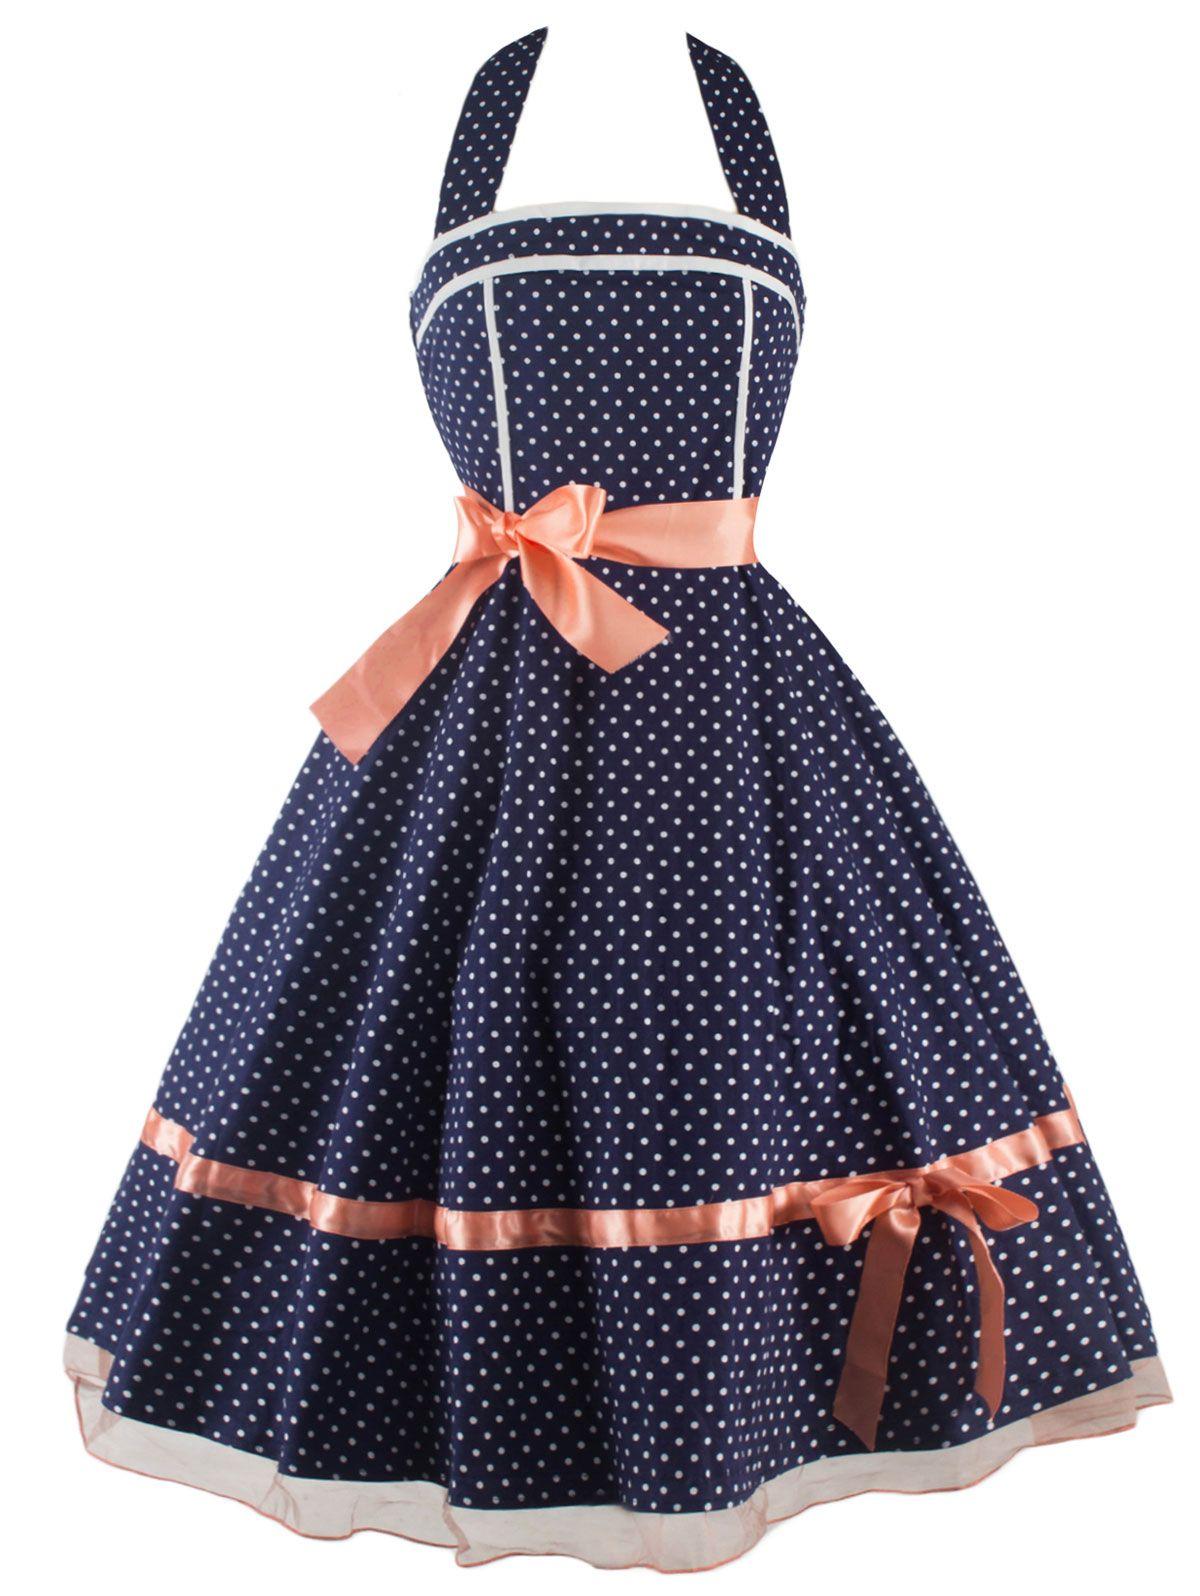 Vintage Polka Dot Halter Dress | Vestidos victorianos, Victoriano y ...